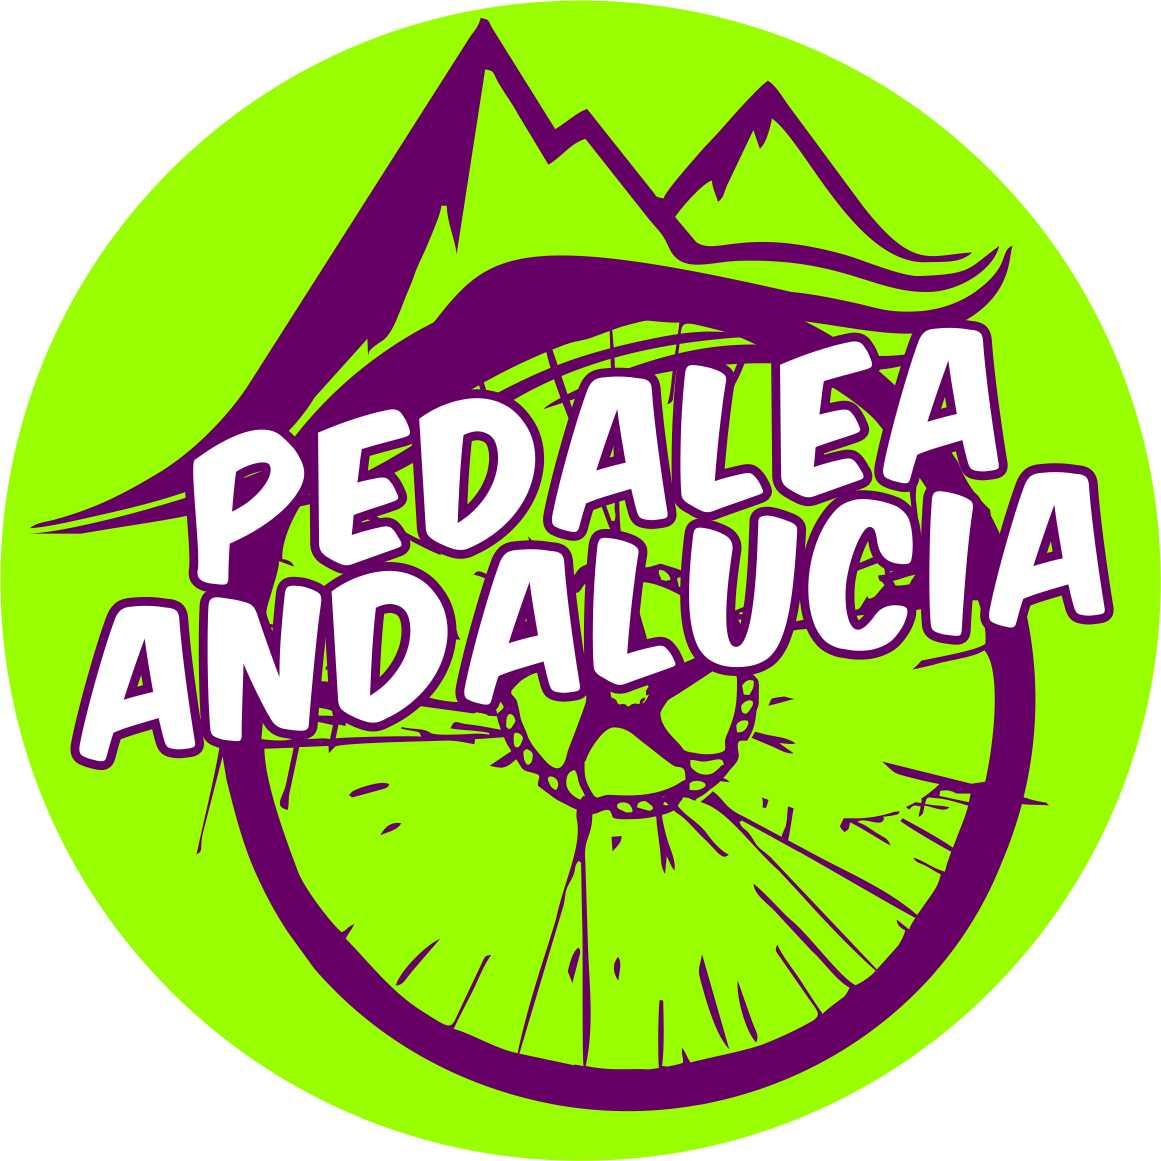 Pedalea Andalucia